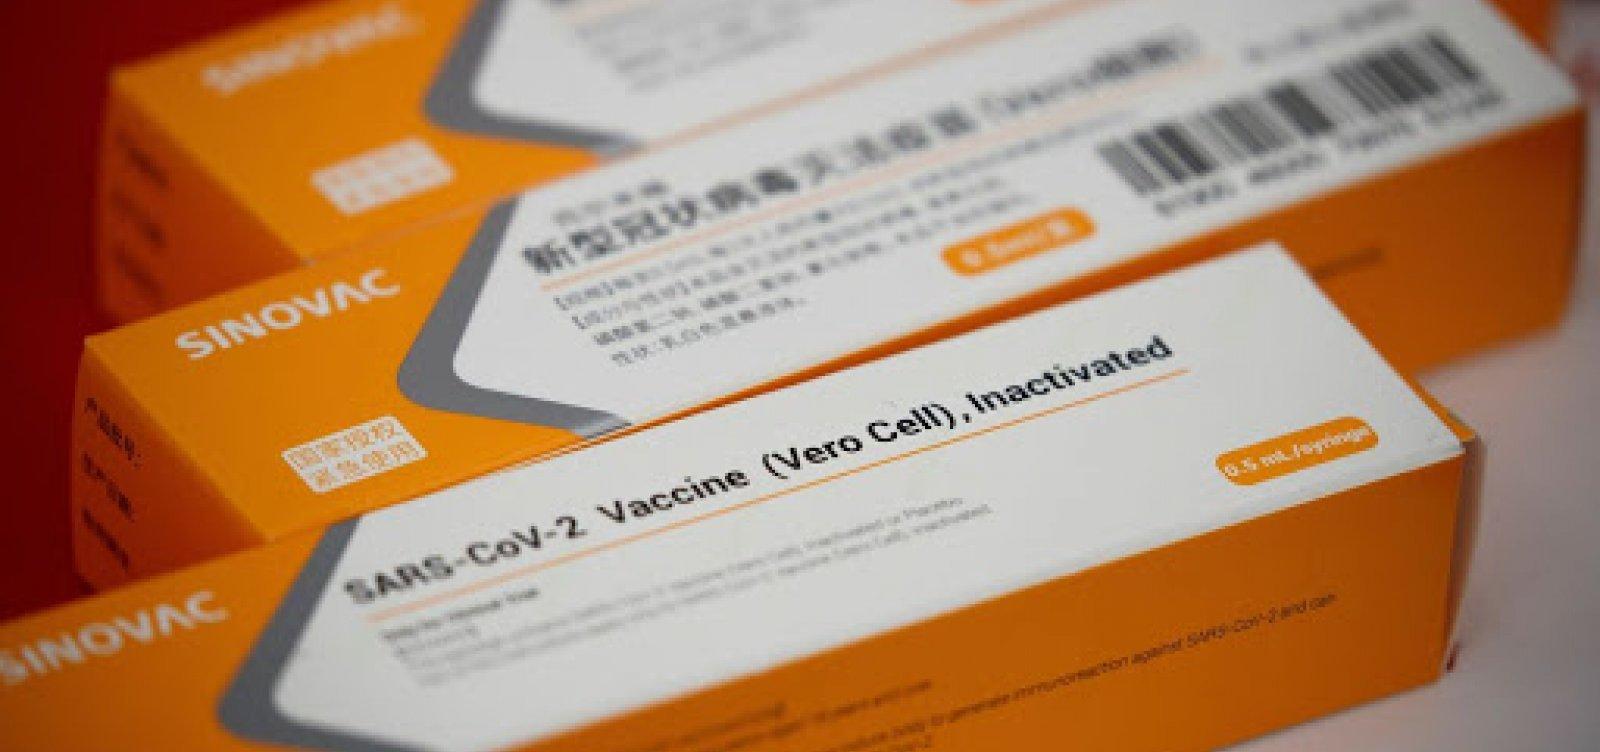 Turquia autoriza uso emergencial da vacina CoronaVac